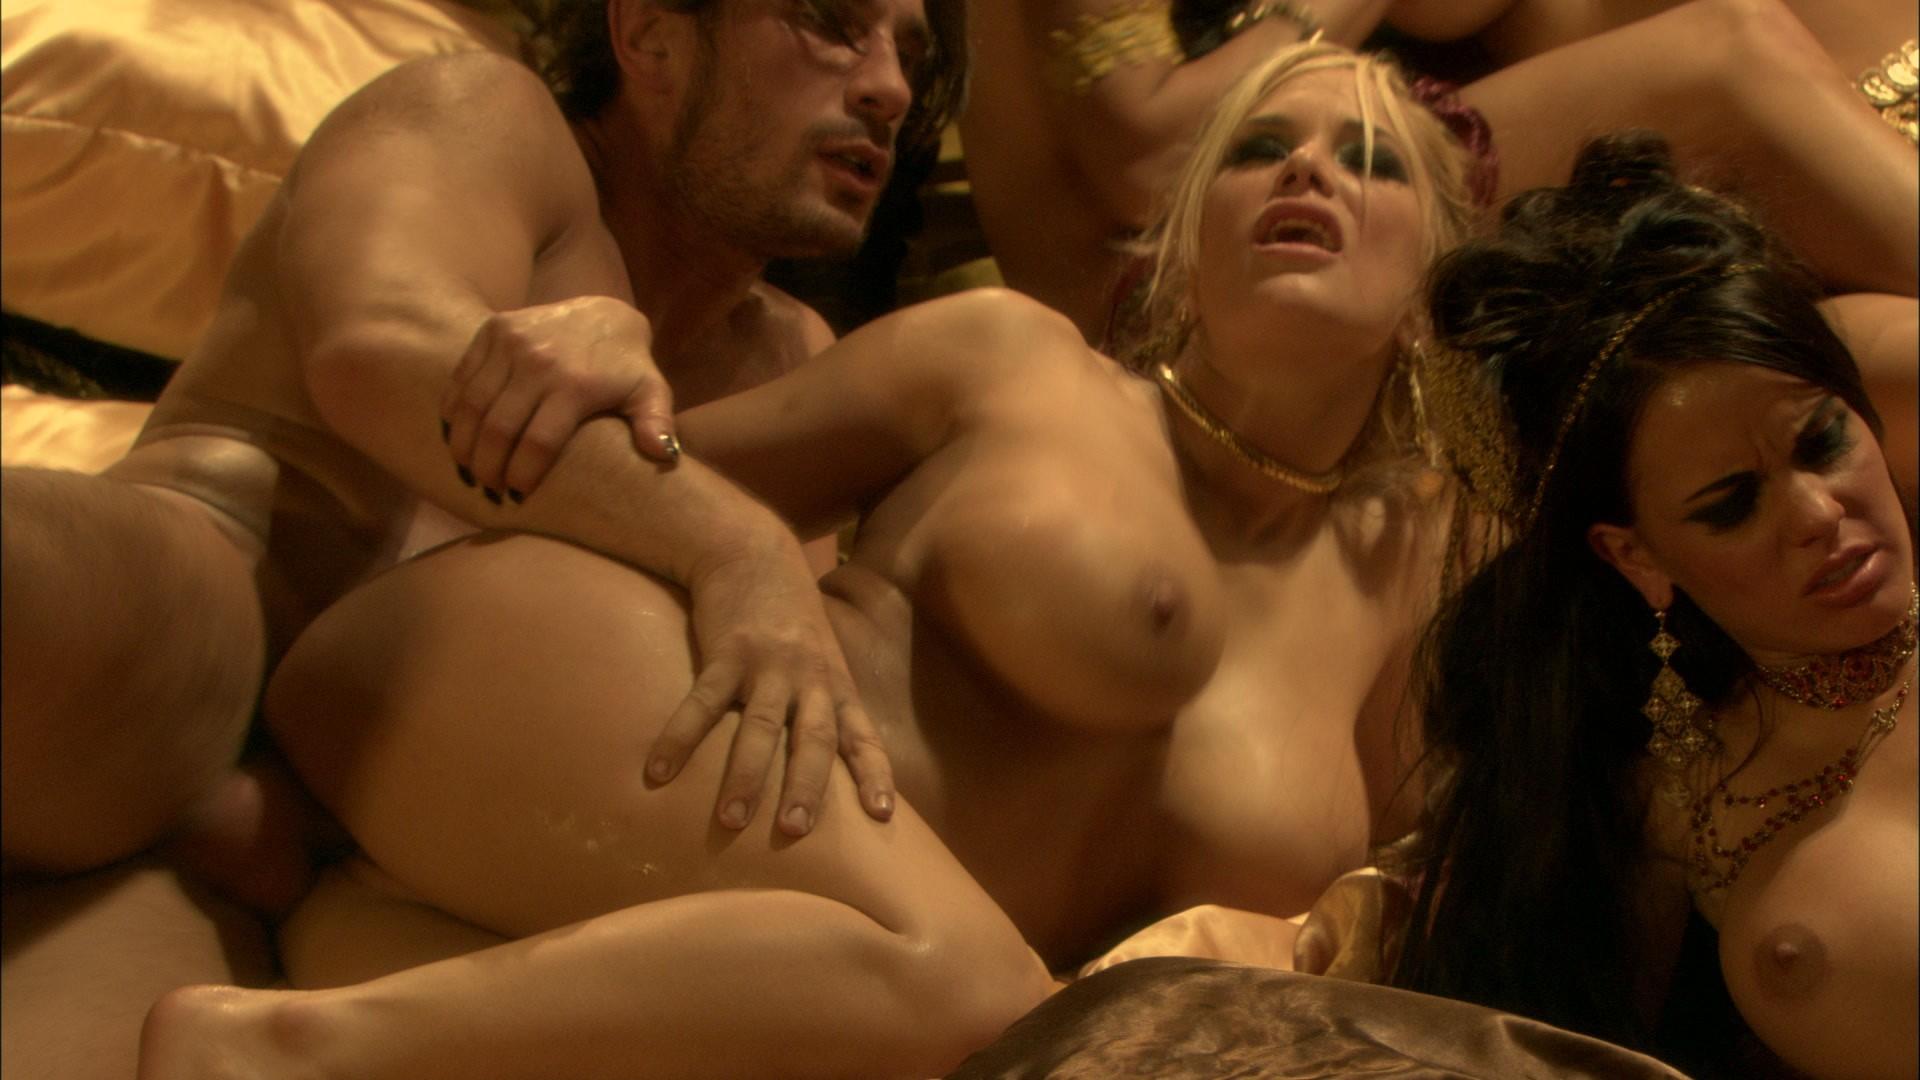 Sexy bikini pirates softcore porn